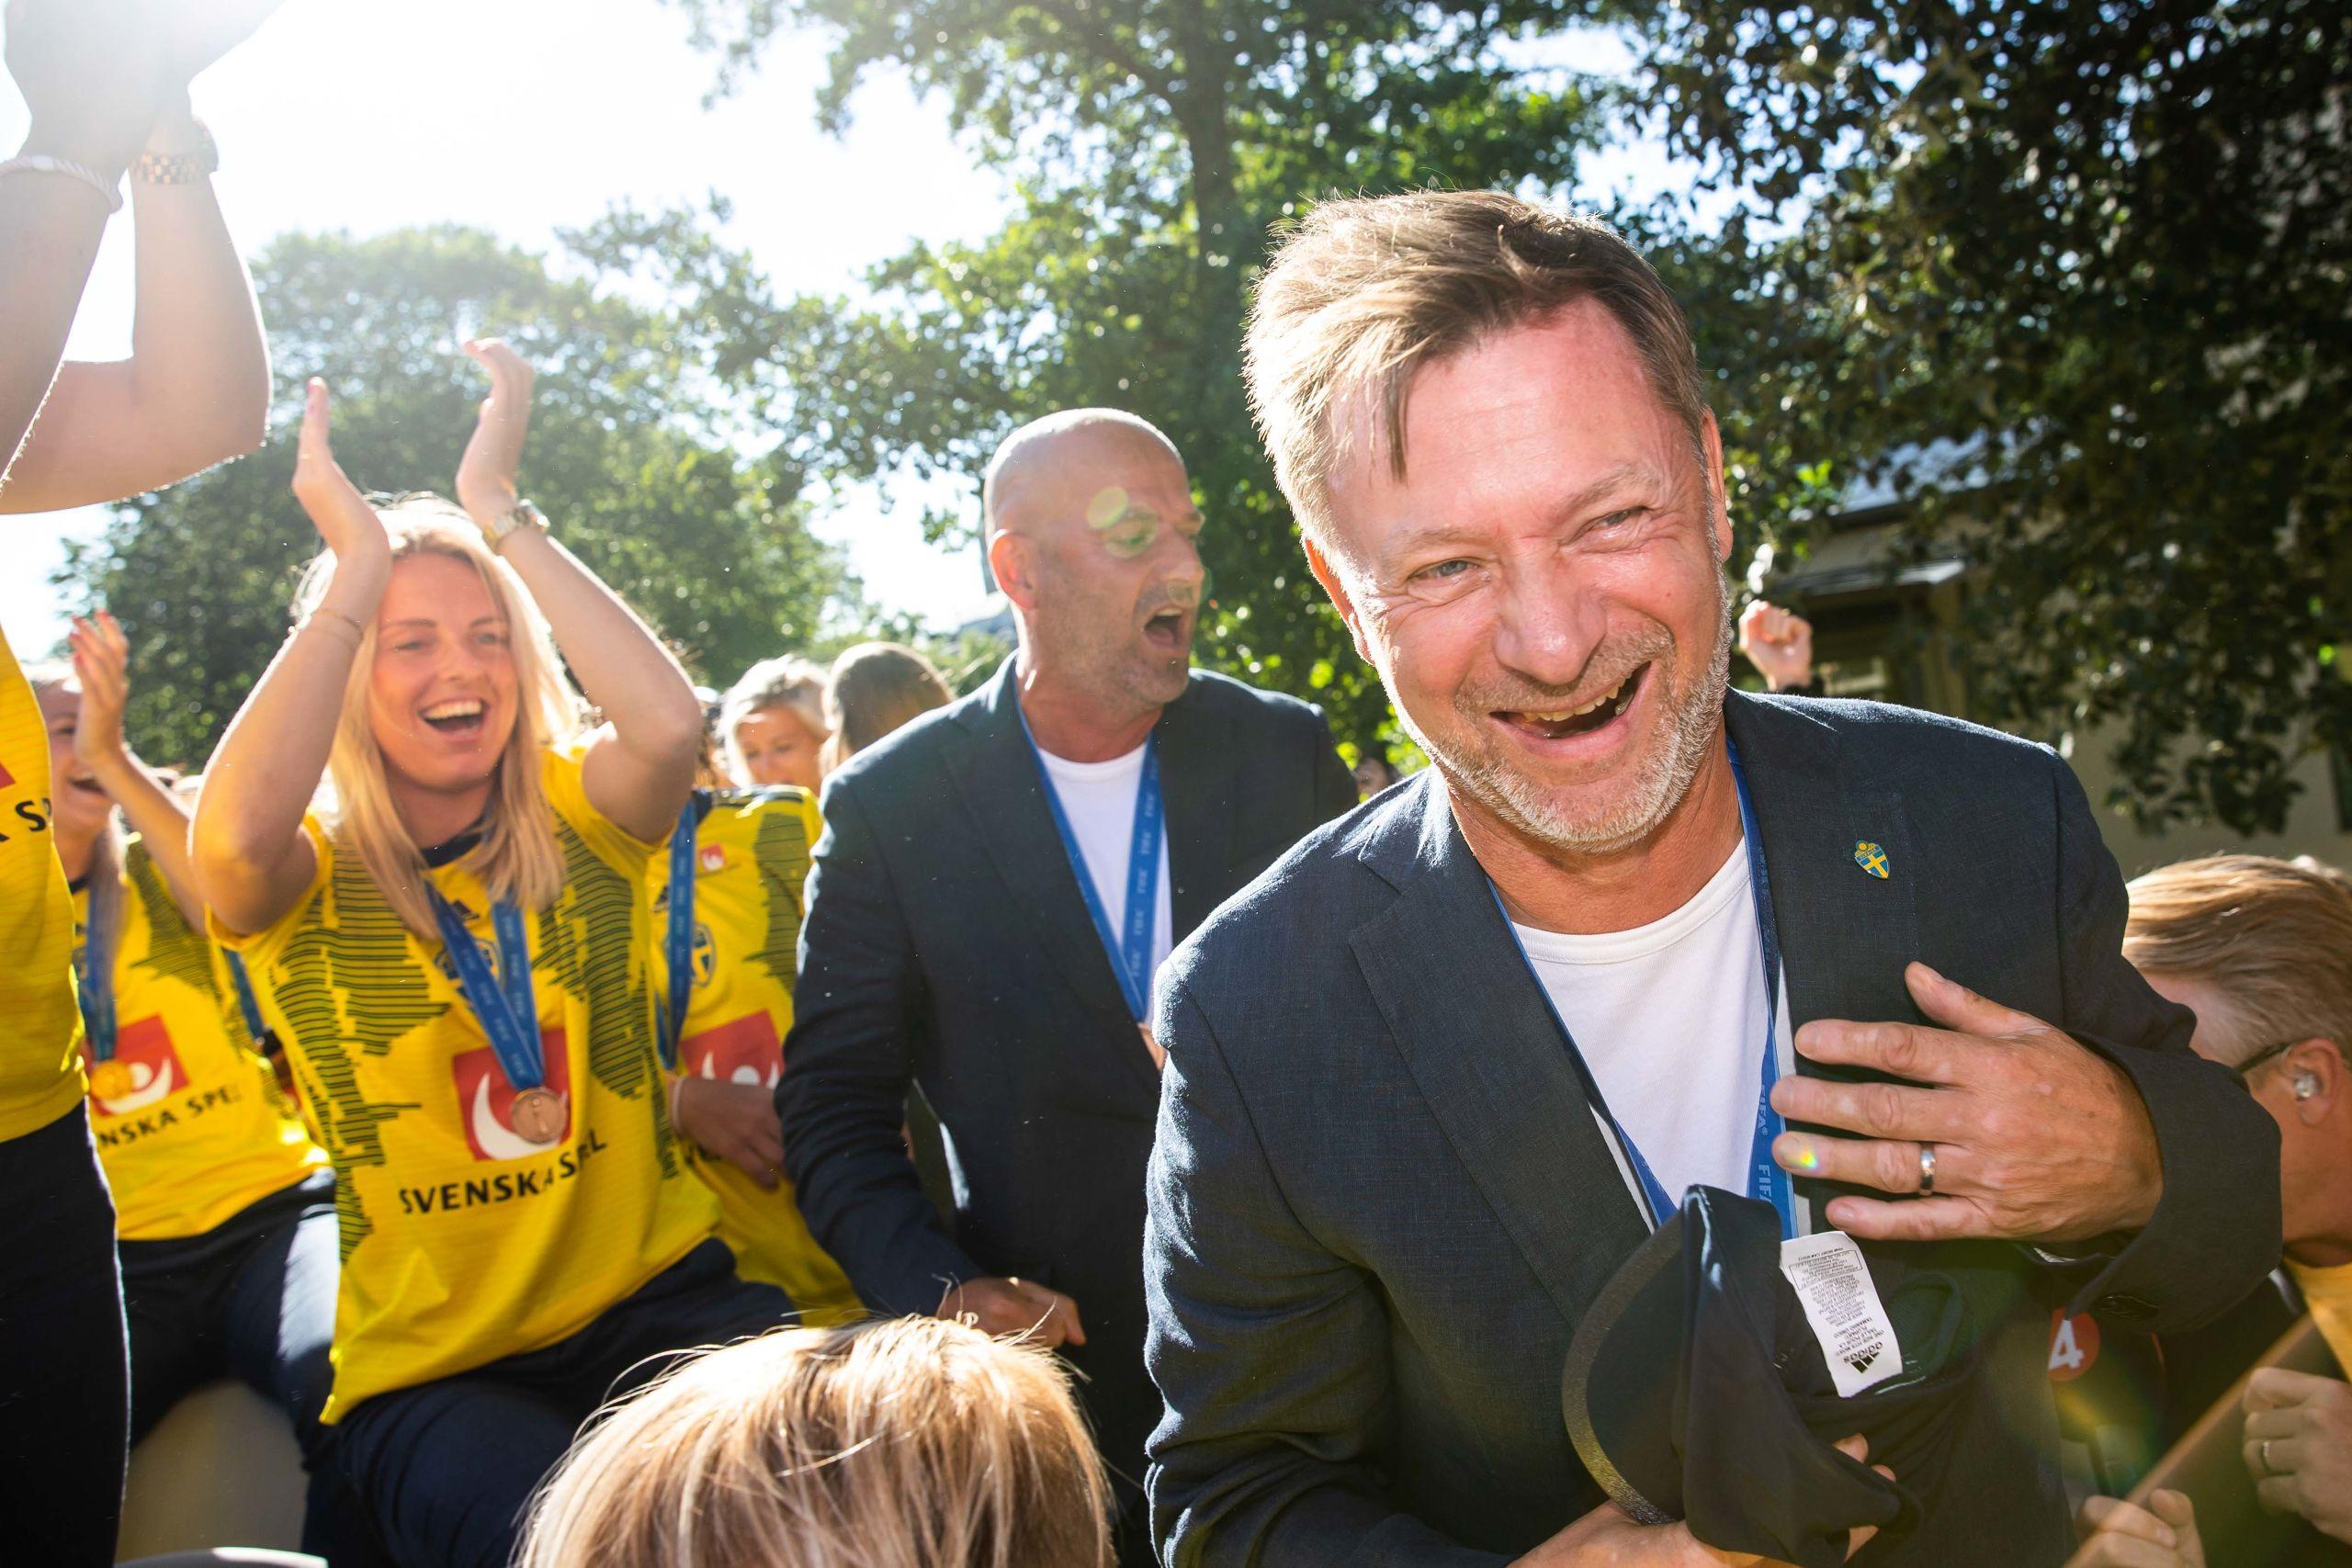 Förbundskapten Peter Gerhardssons coronauppmaning: Var positiva